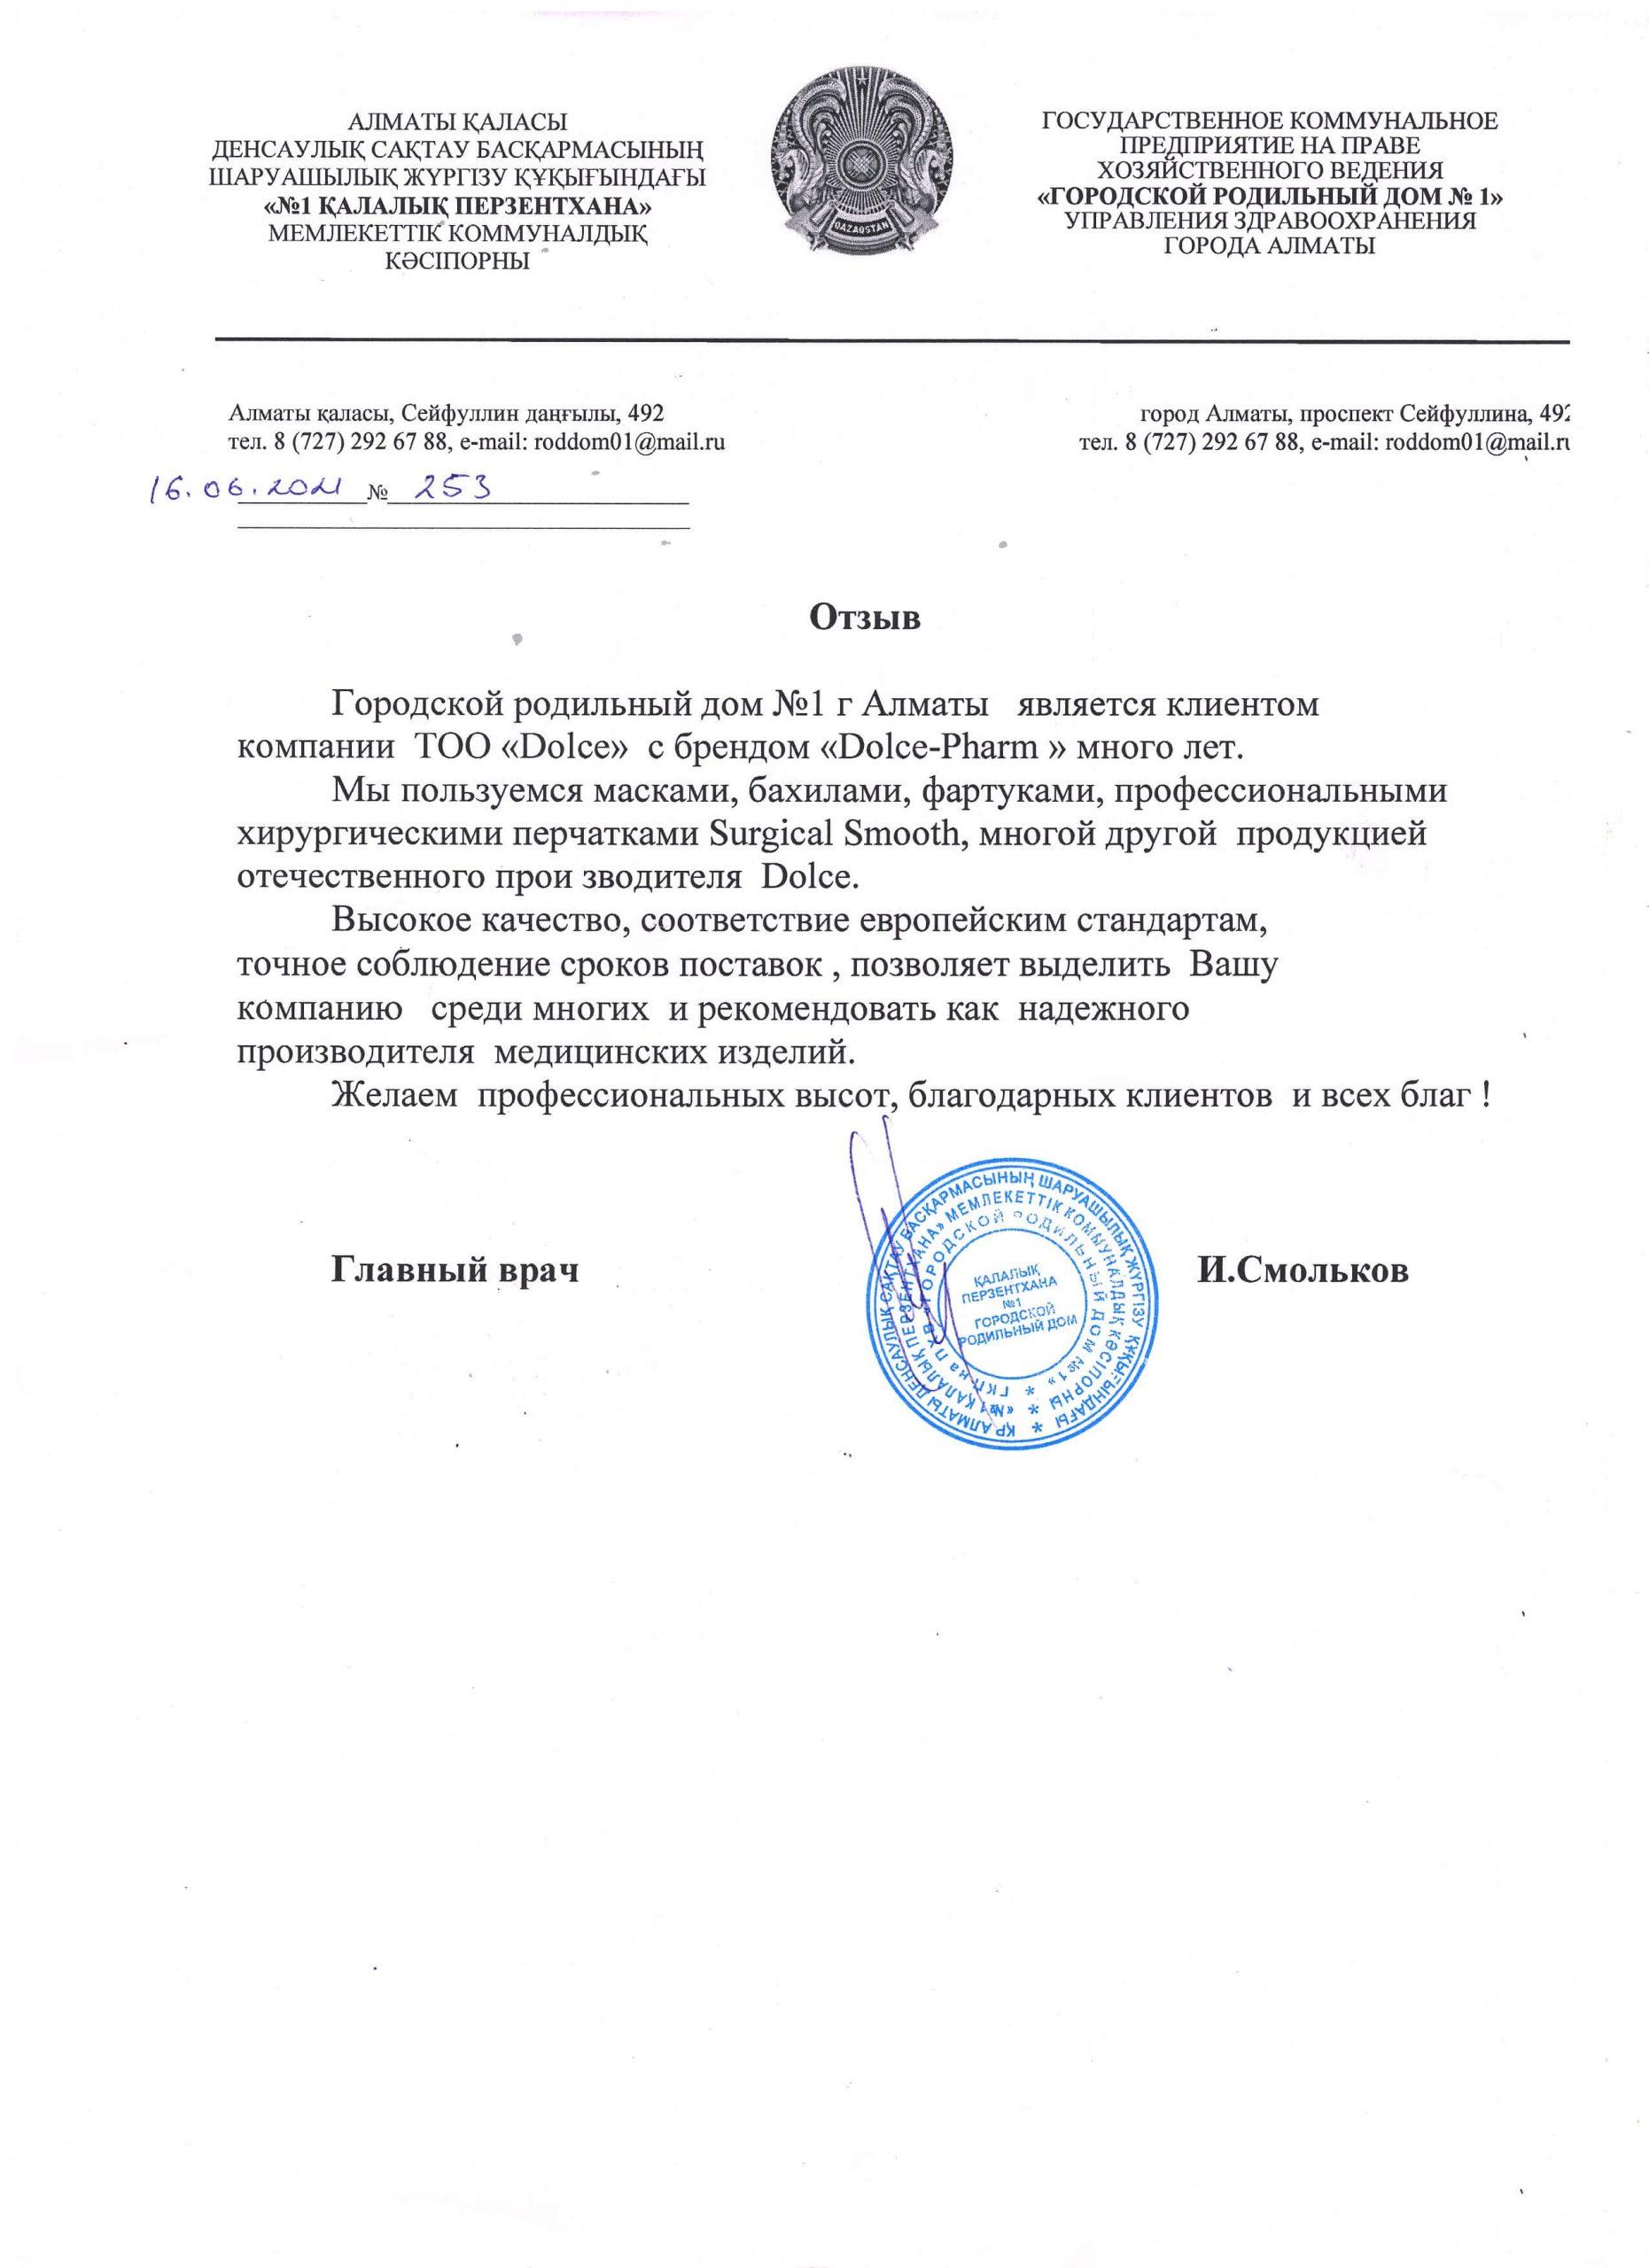 Отзыв Роддом №1, г. Алматы